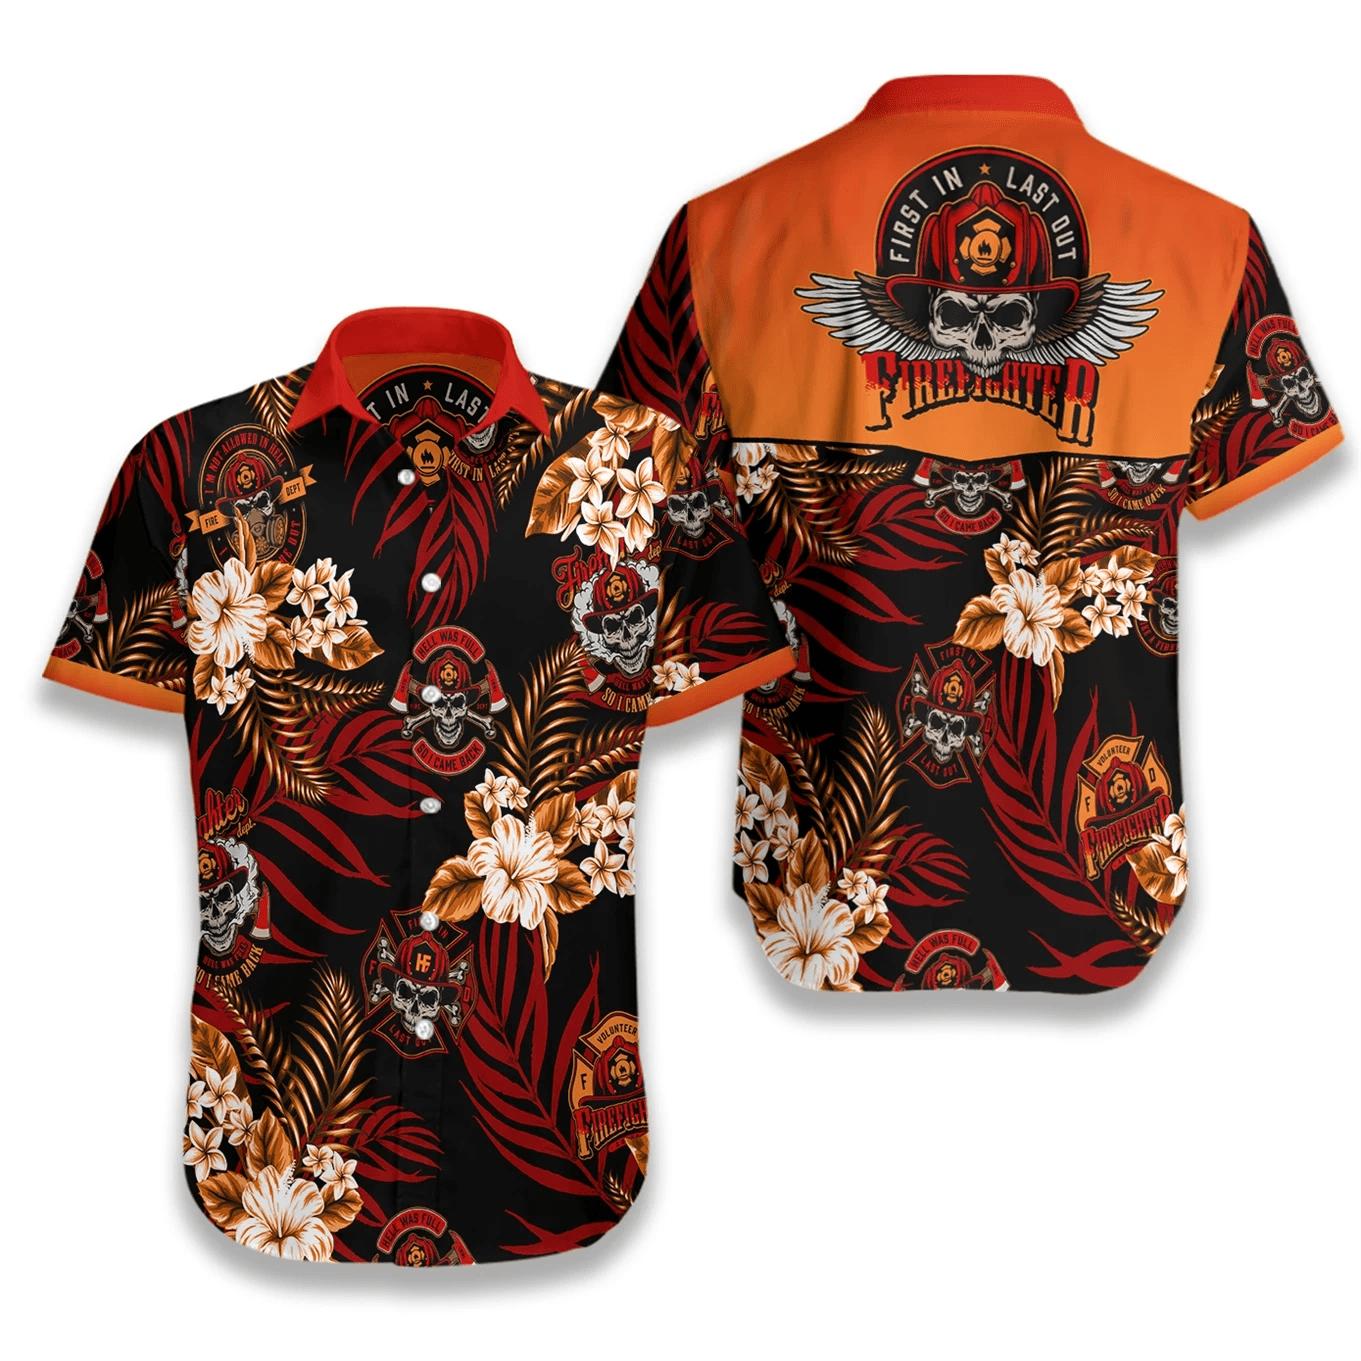 Firefighter First In Last Out Hawaiian Shirt Button Up Shirt